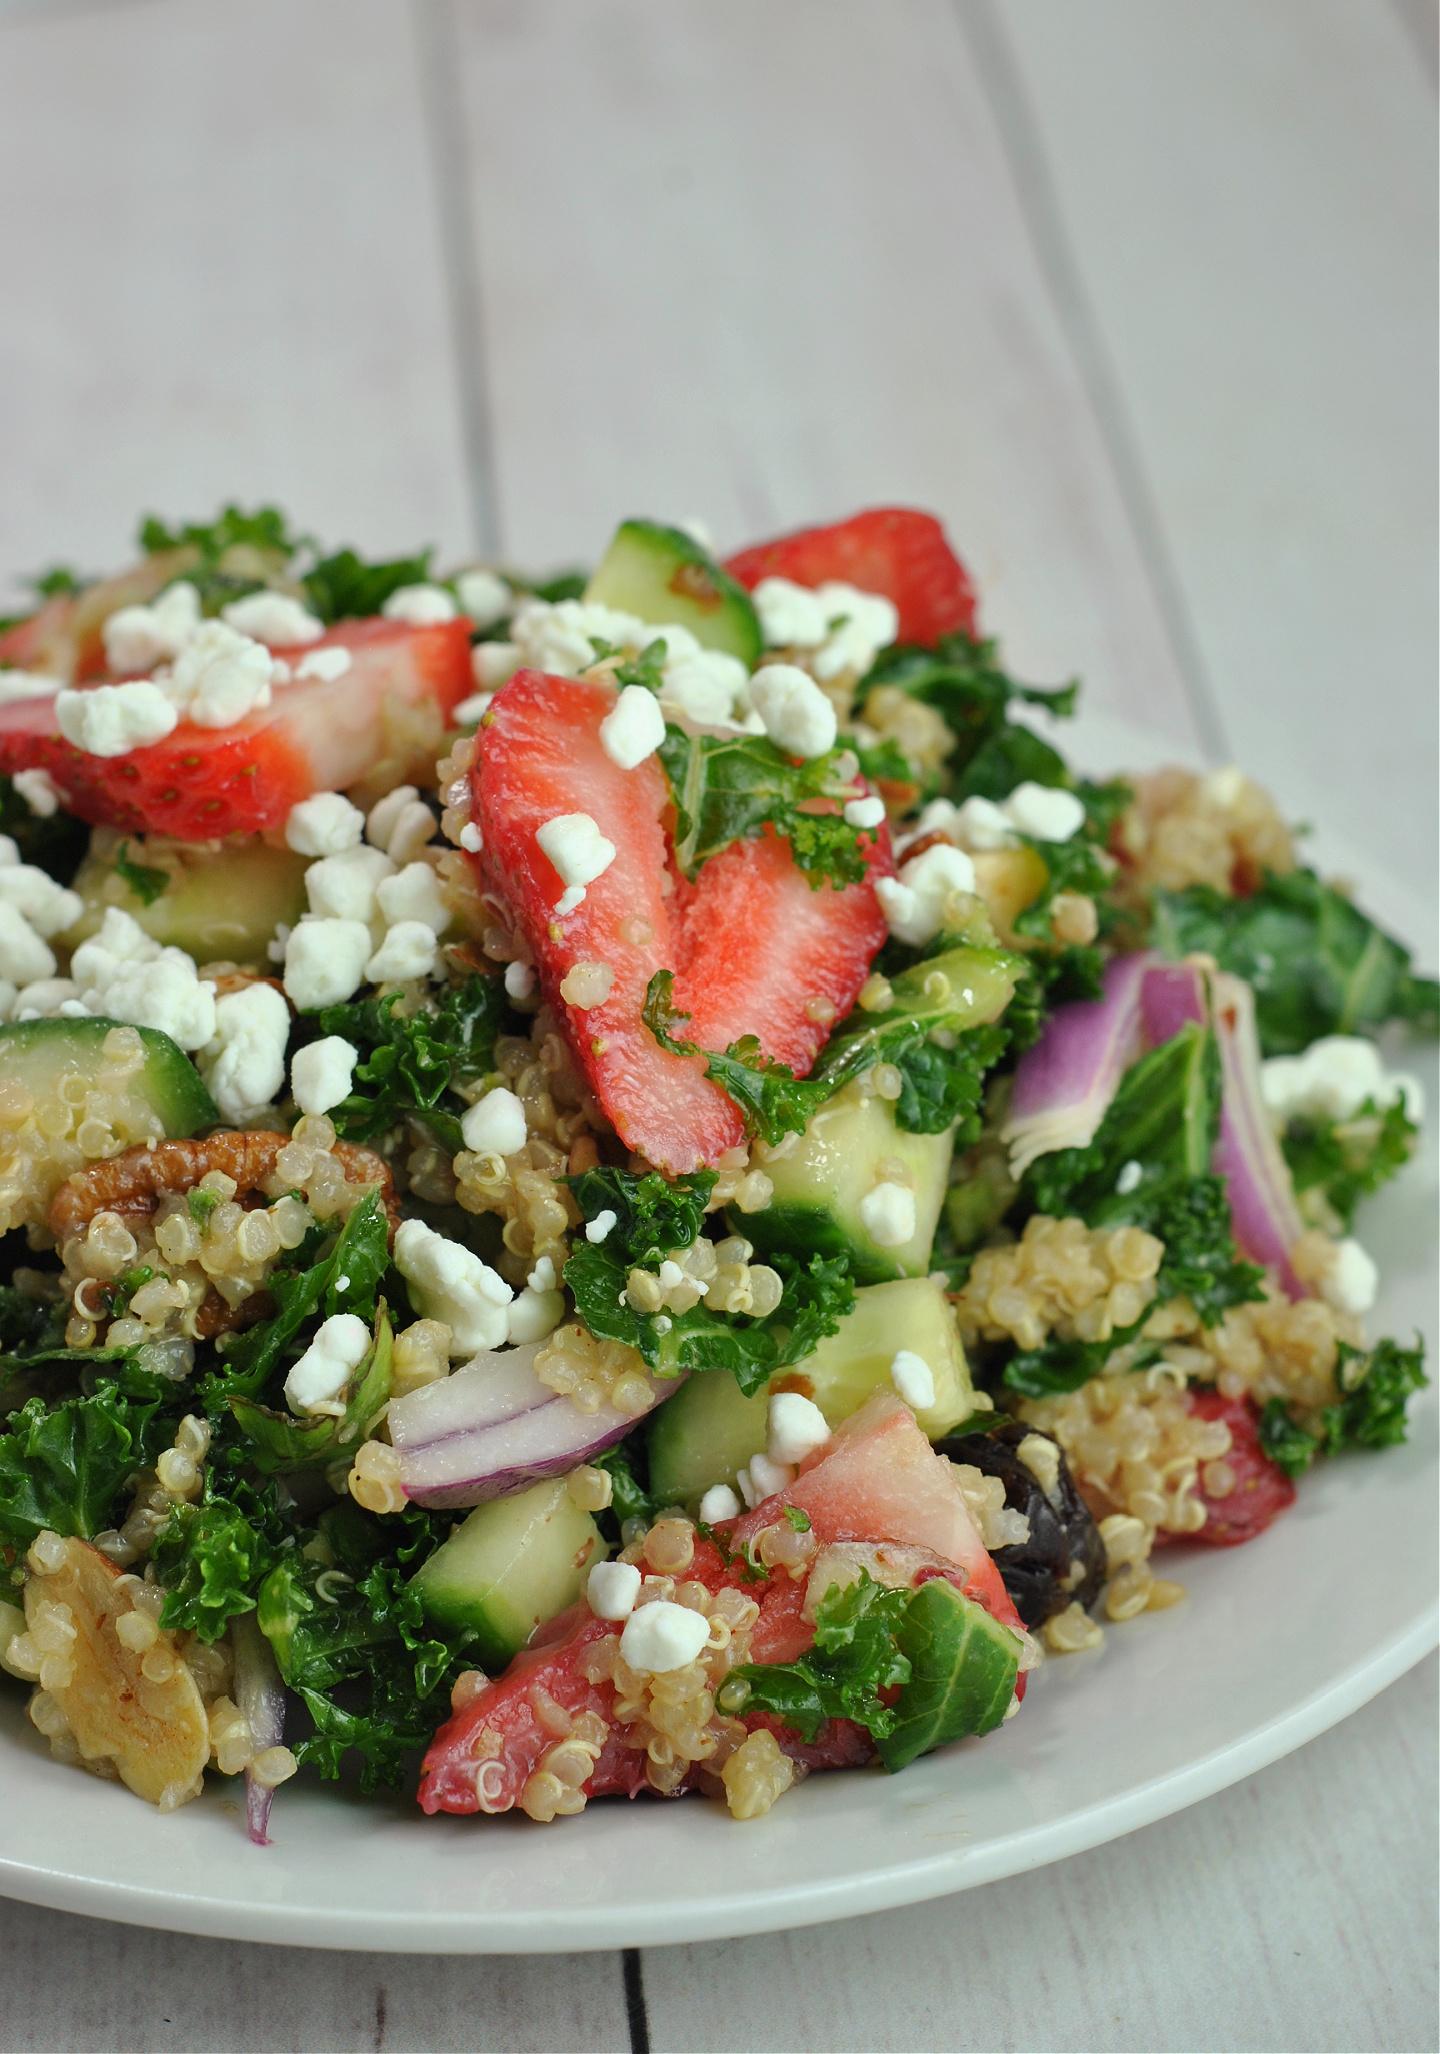 Strawberry-Kale Quinoa Salad via @preventionrd